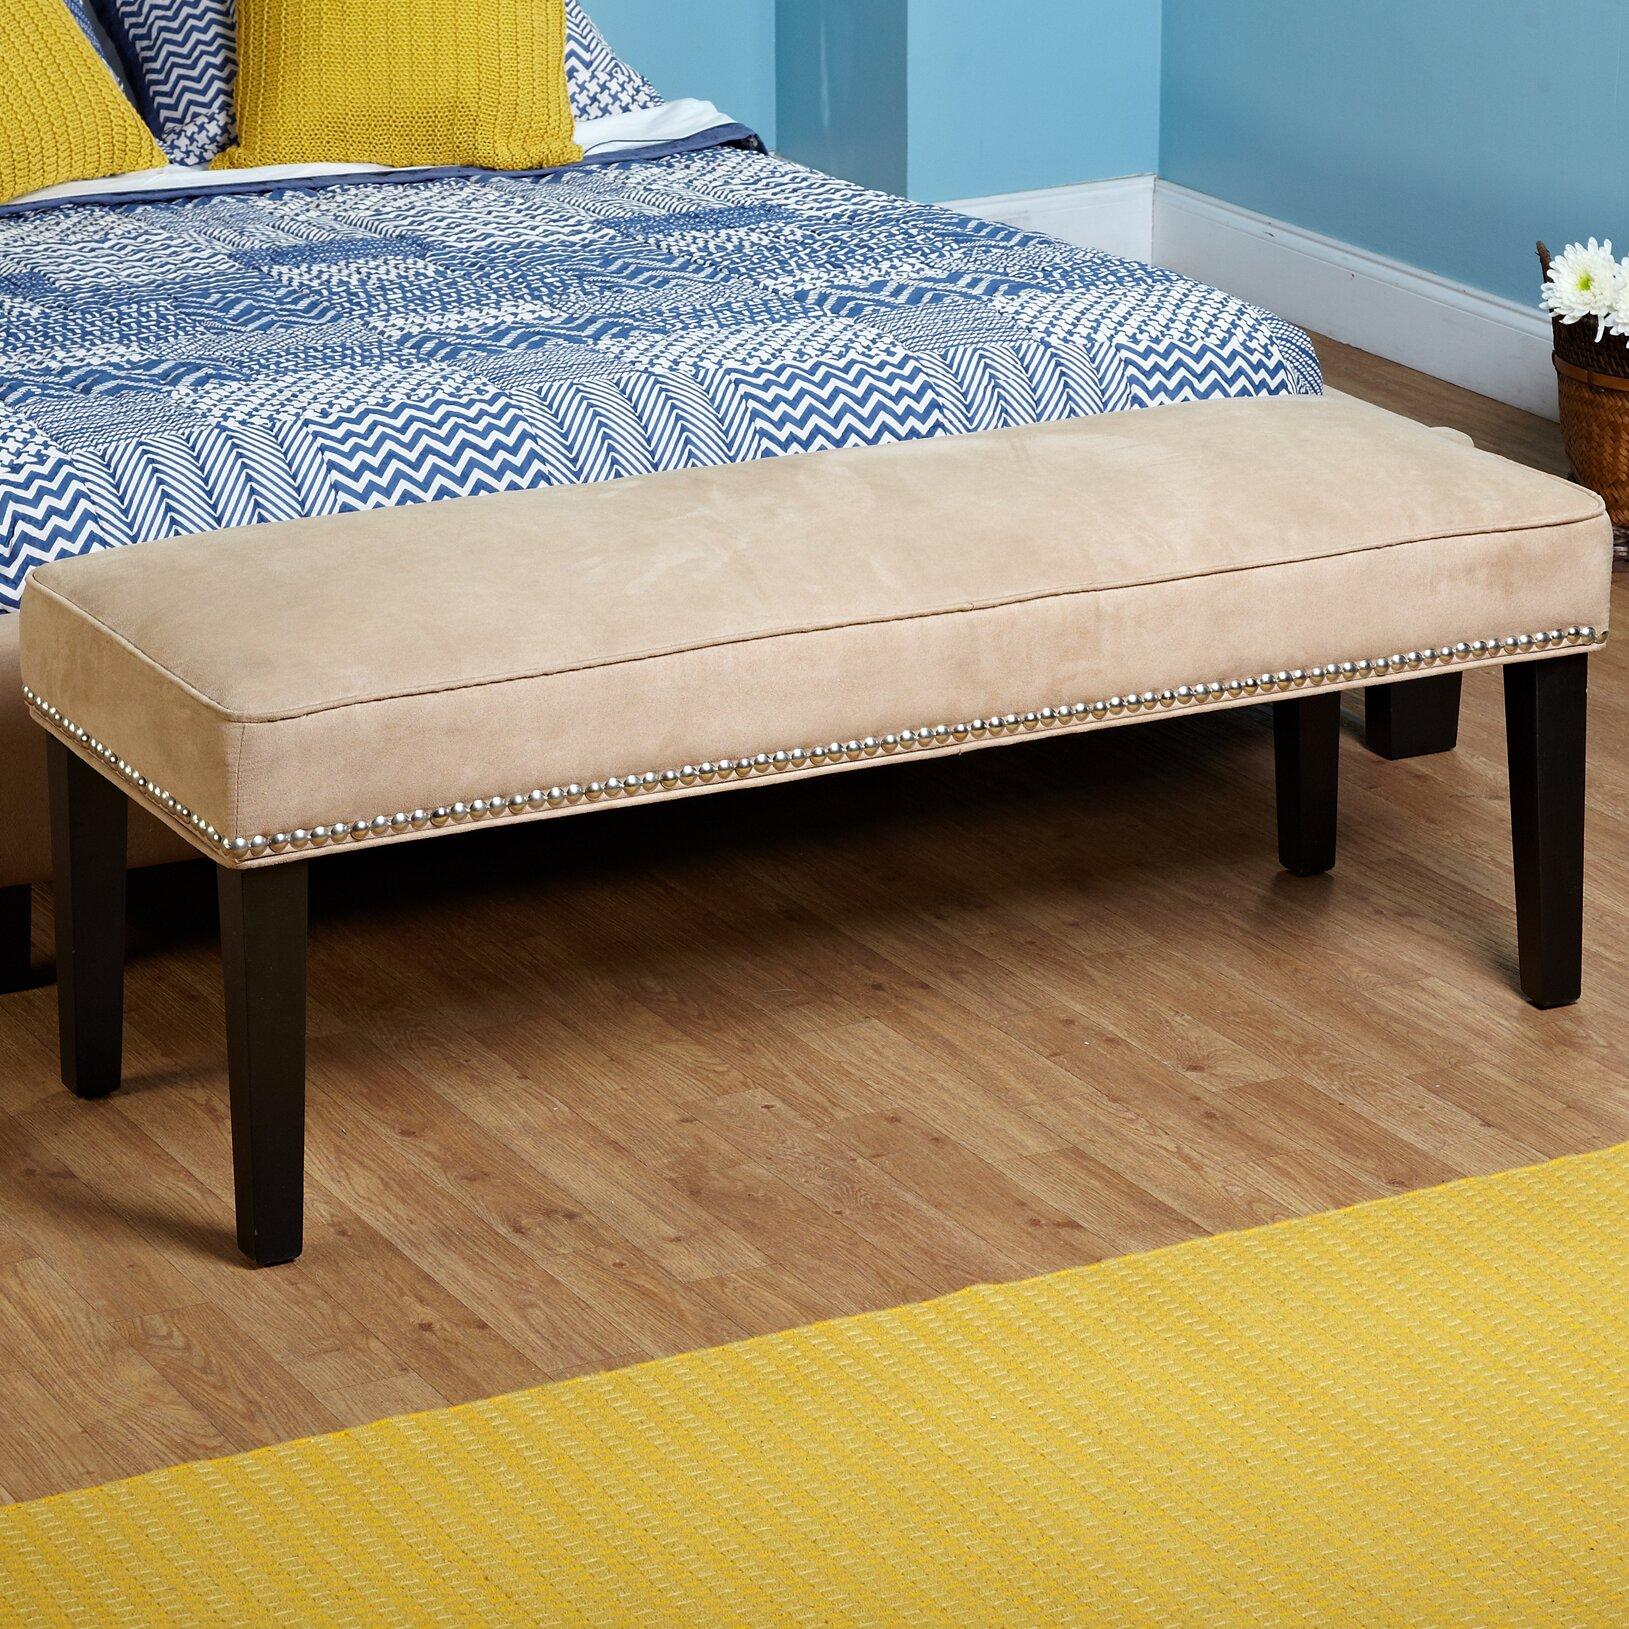 Three Posts Methuen Wood Bedroom Bench & Reviews